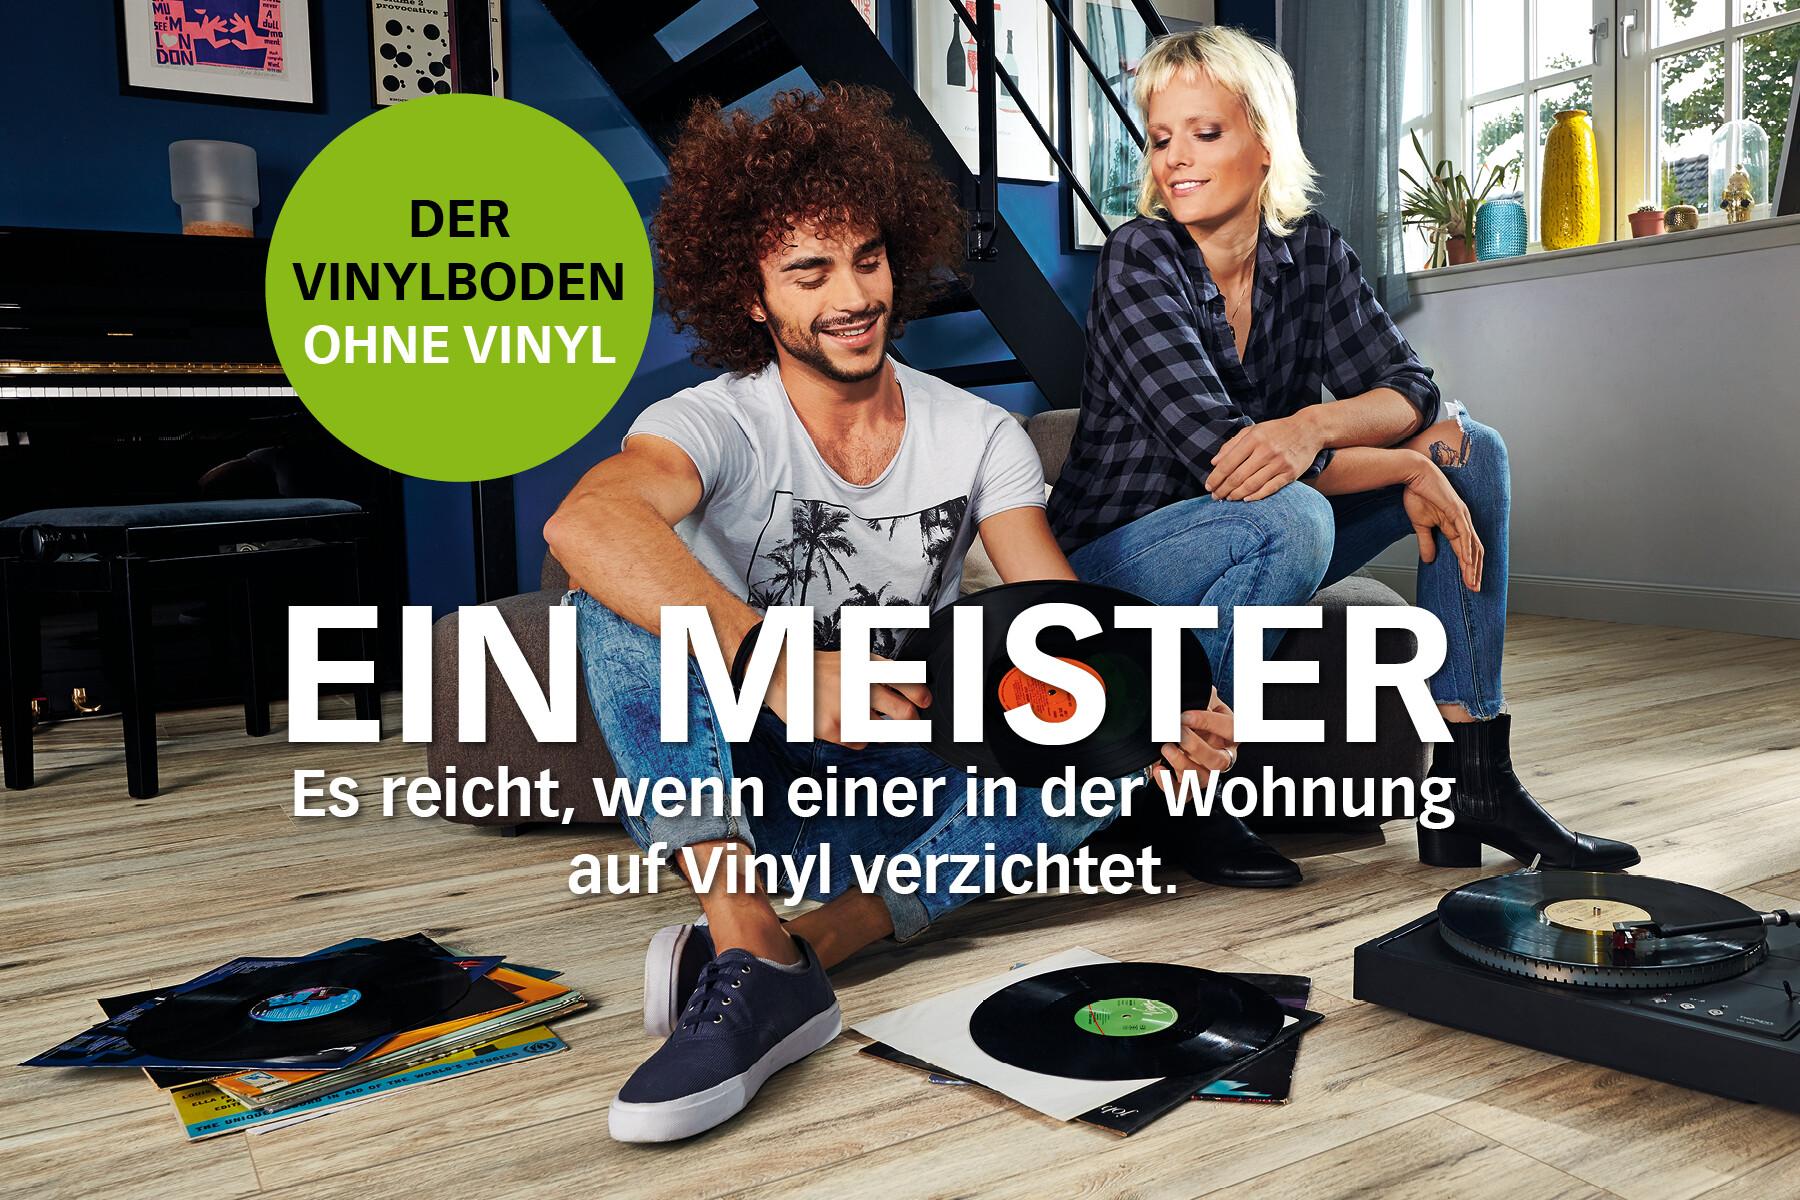 Vinylboden ohne Vinyl von MEISTER